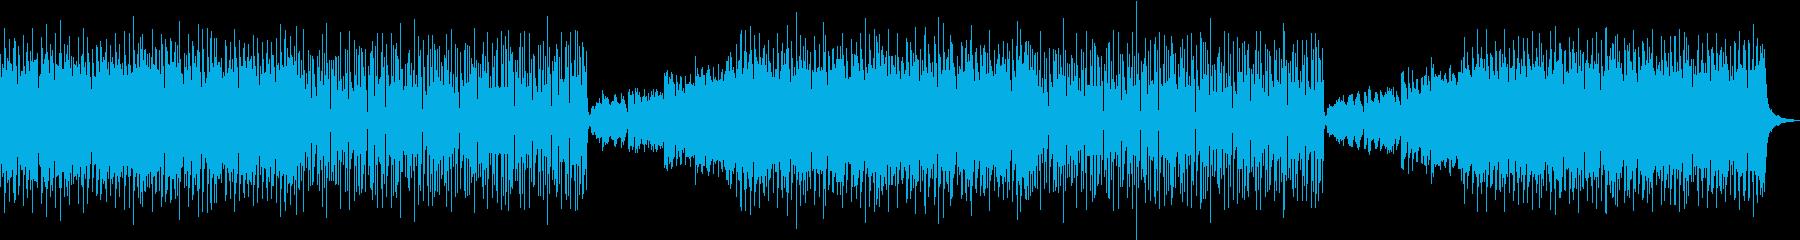 EDM・ポップ・明るい・楽しいの再生済みの波形